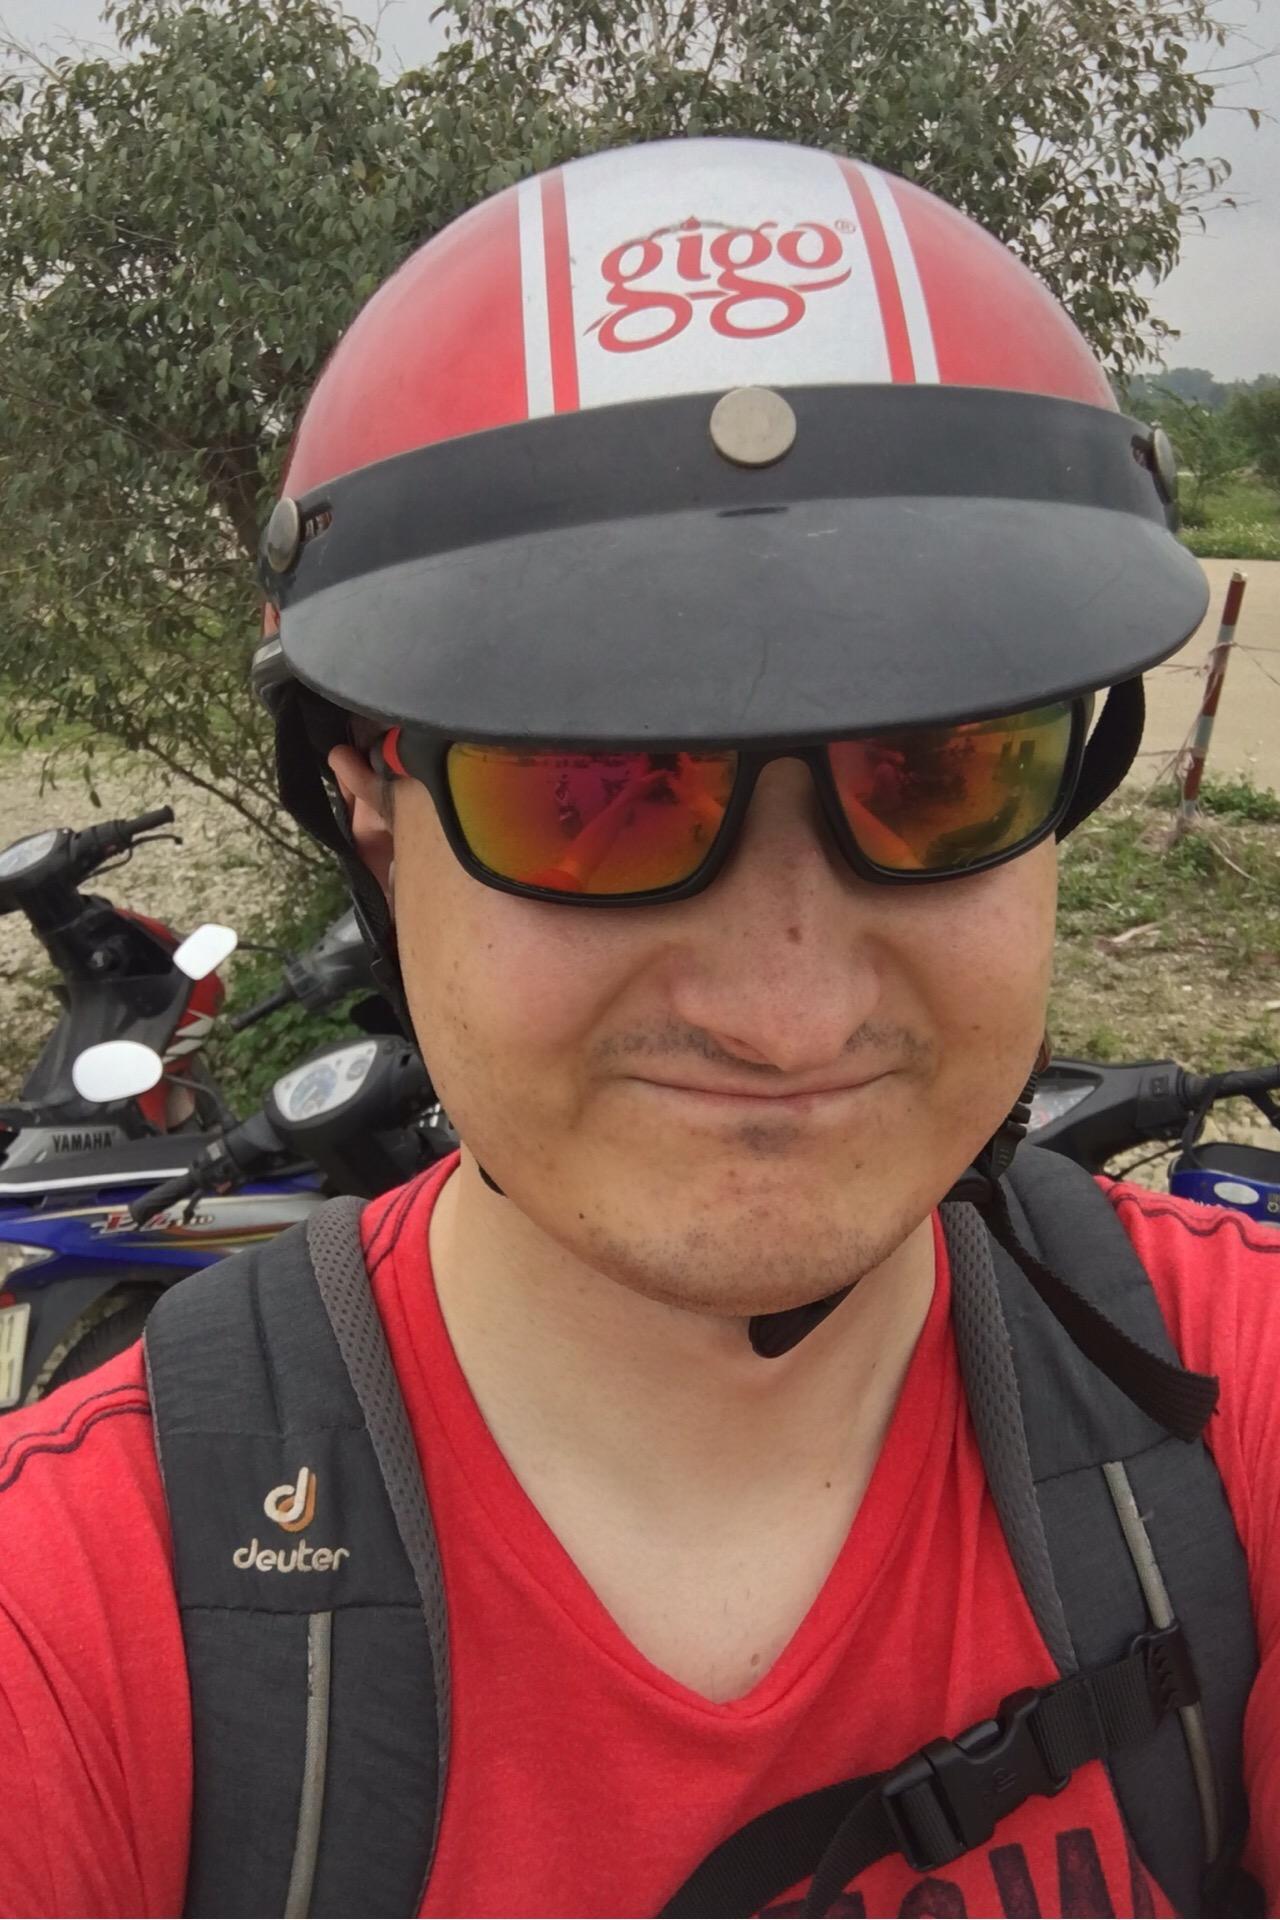 Der Helm hat sogar halbwegs gepasst. Muss einer extra für Touristen gewesen sein...